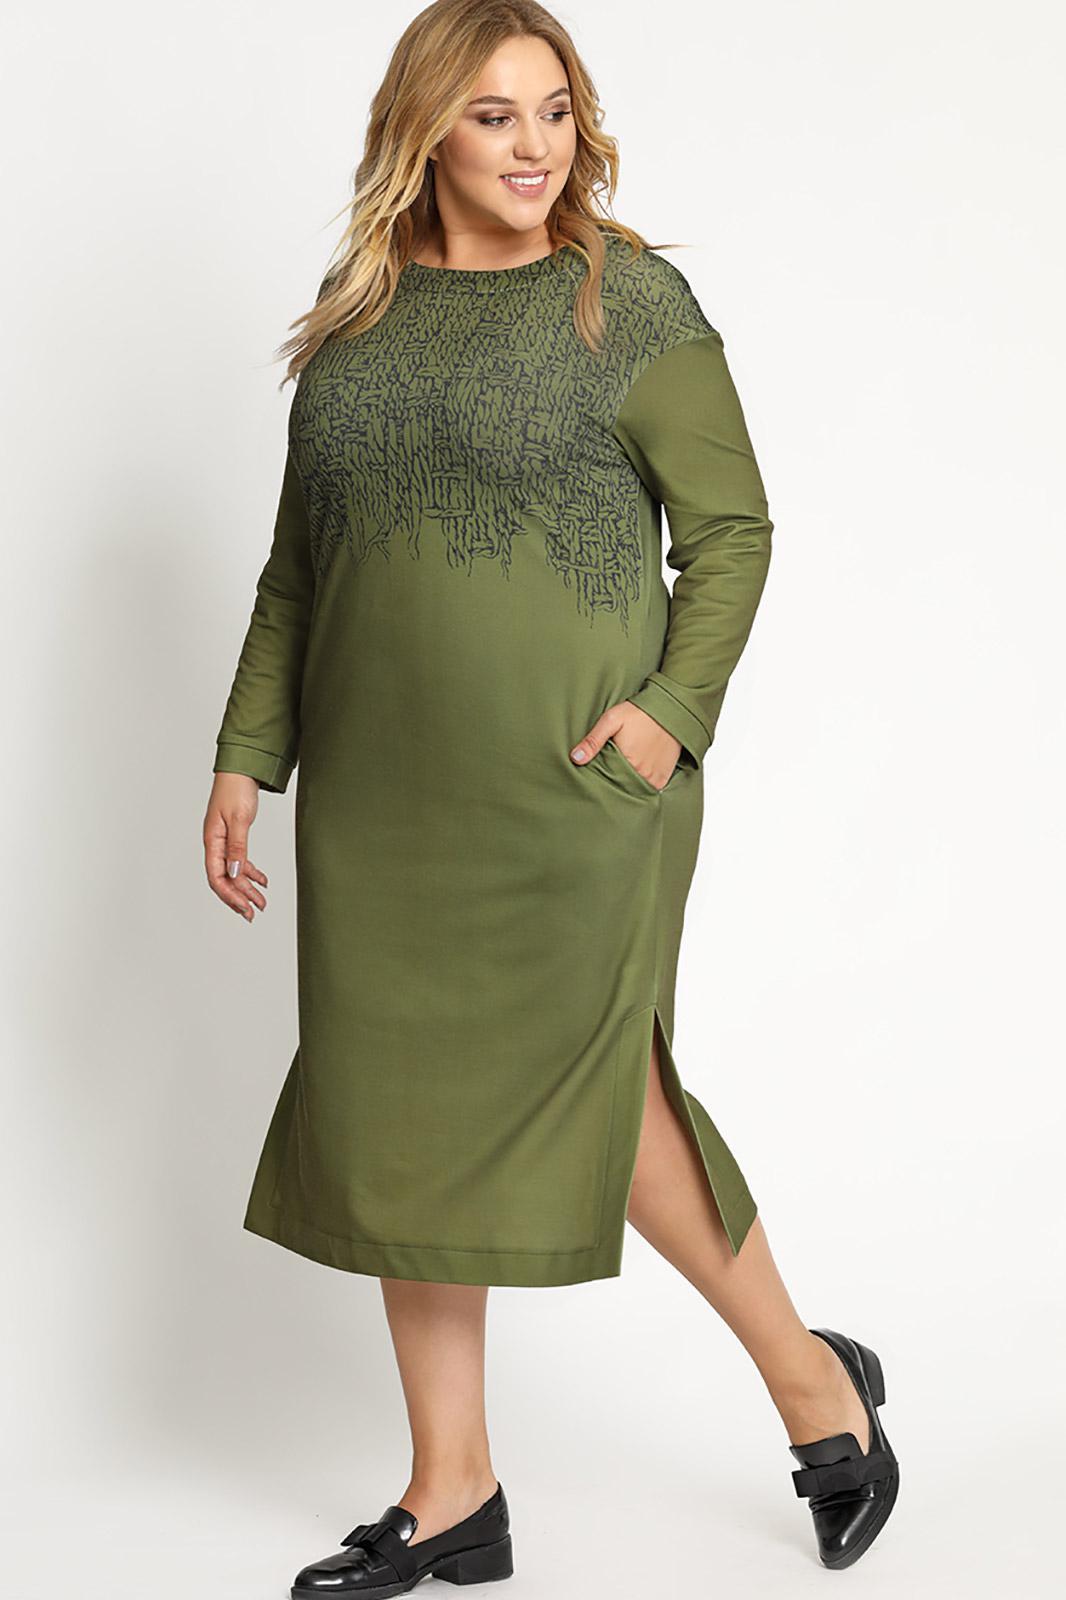 Купить Платье Artribbon-Lenta, 2794P1001 хаки, Беларусь